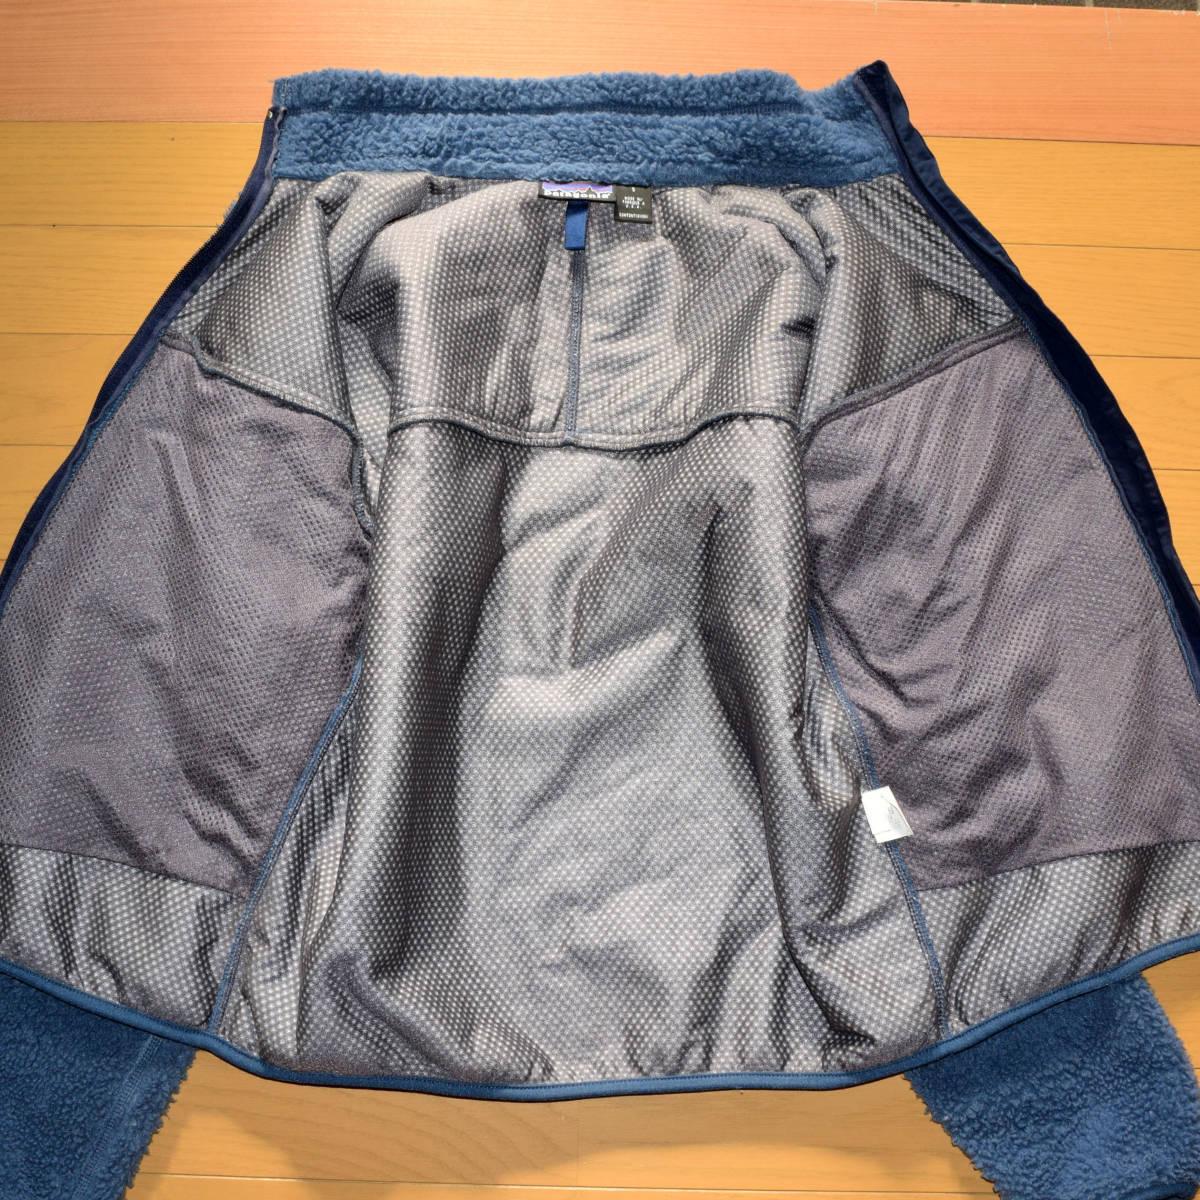 レア!送料無料!99年 USA製 パタゴニア メンズS 日本M フリース ボアパイル レトロX ジャケット レトロカーディガン 古着 ビンテージ_画像6